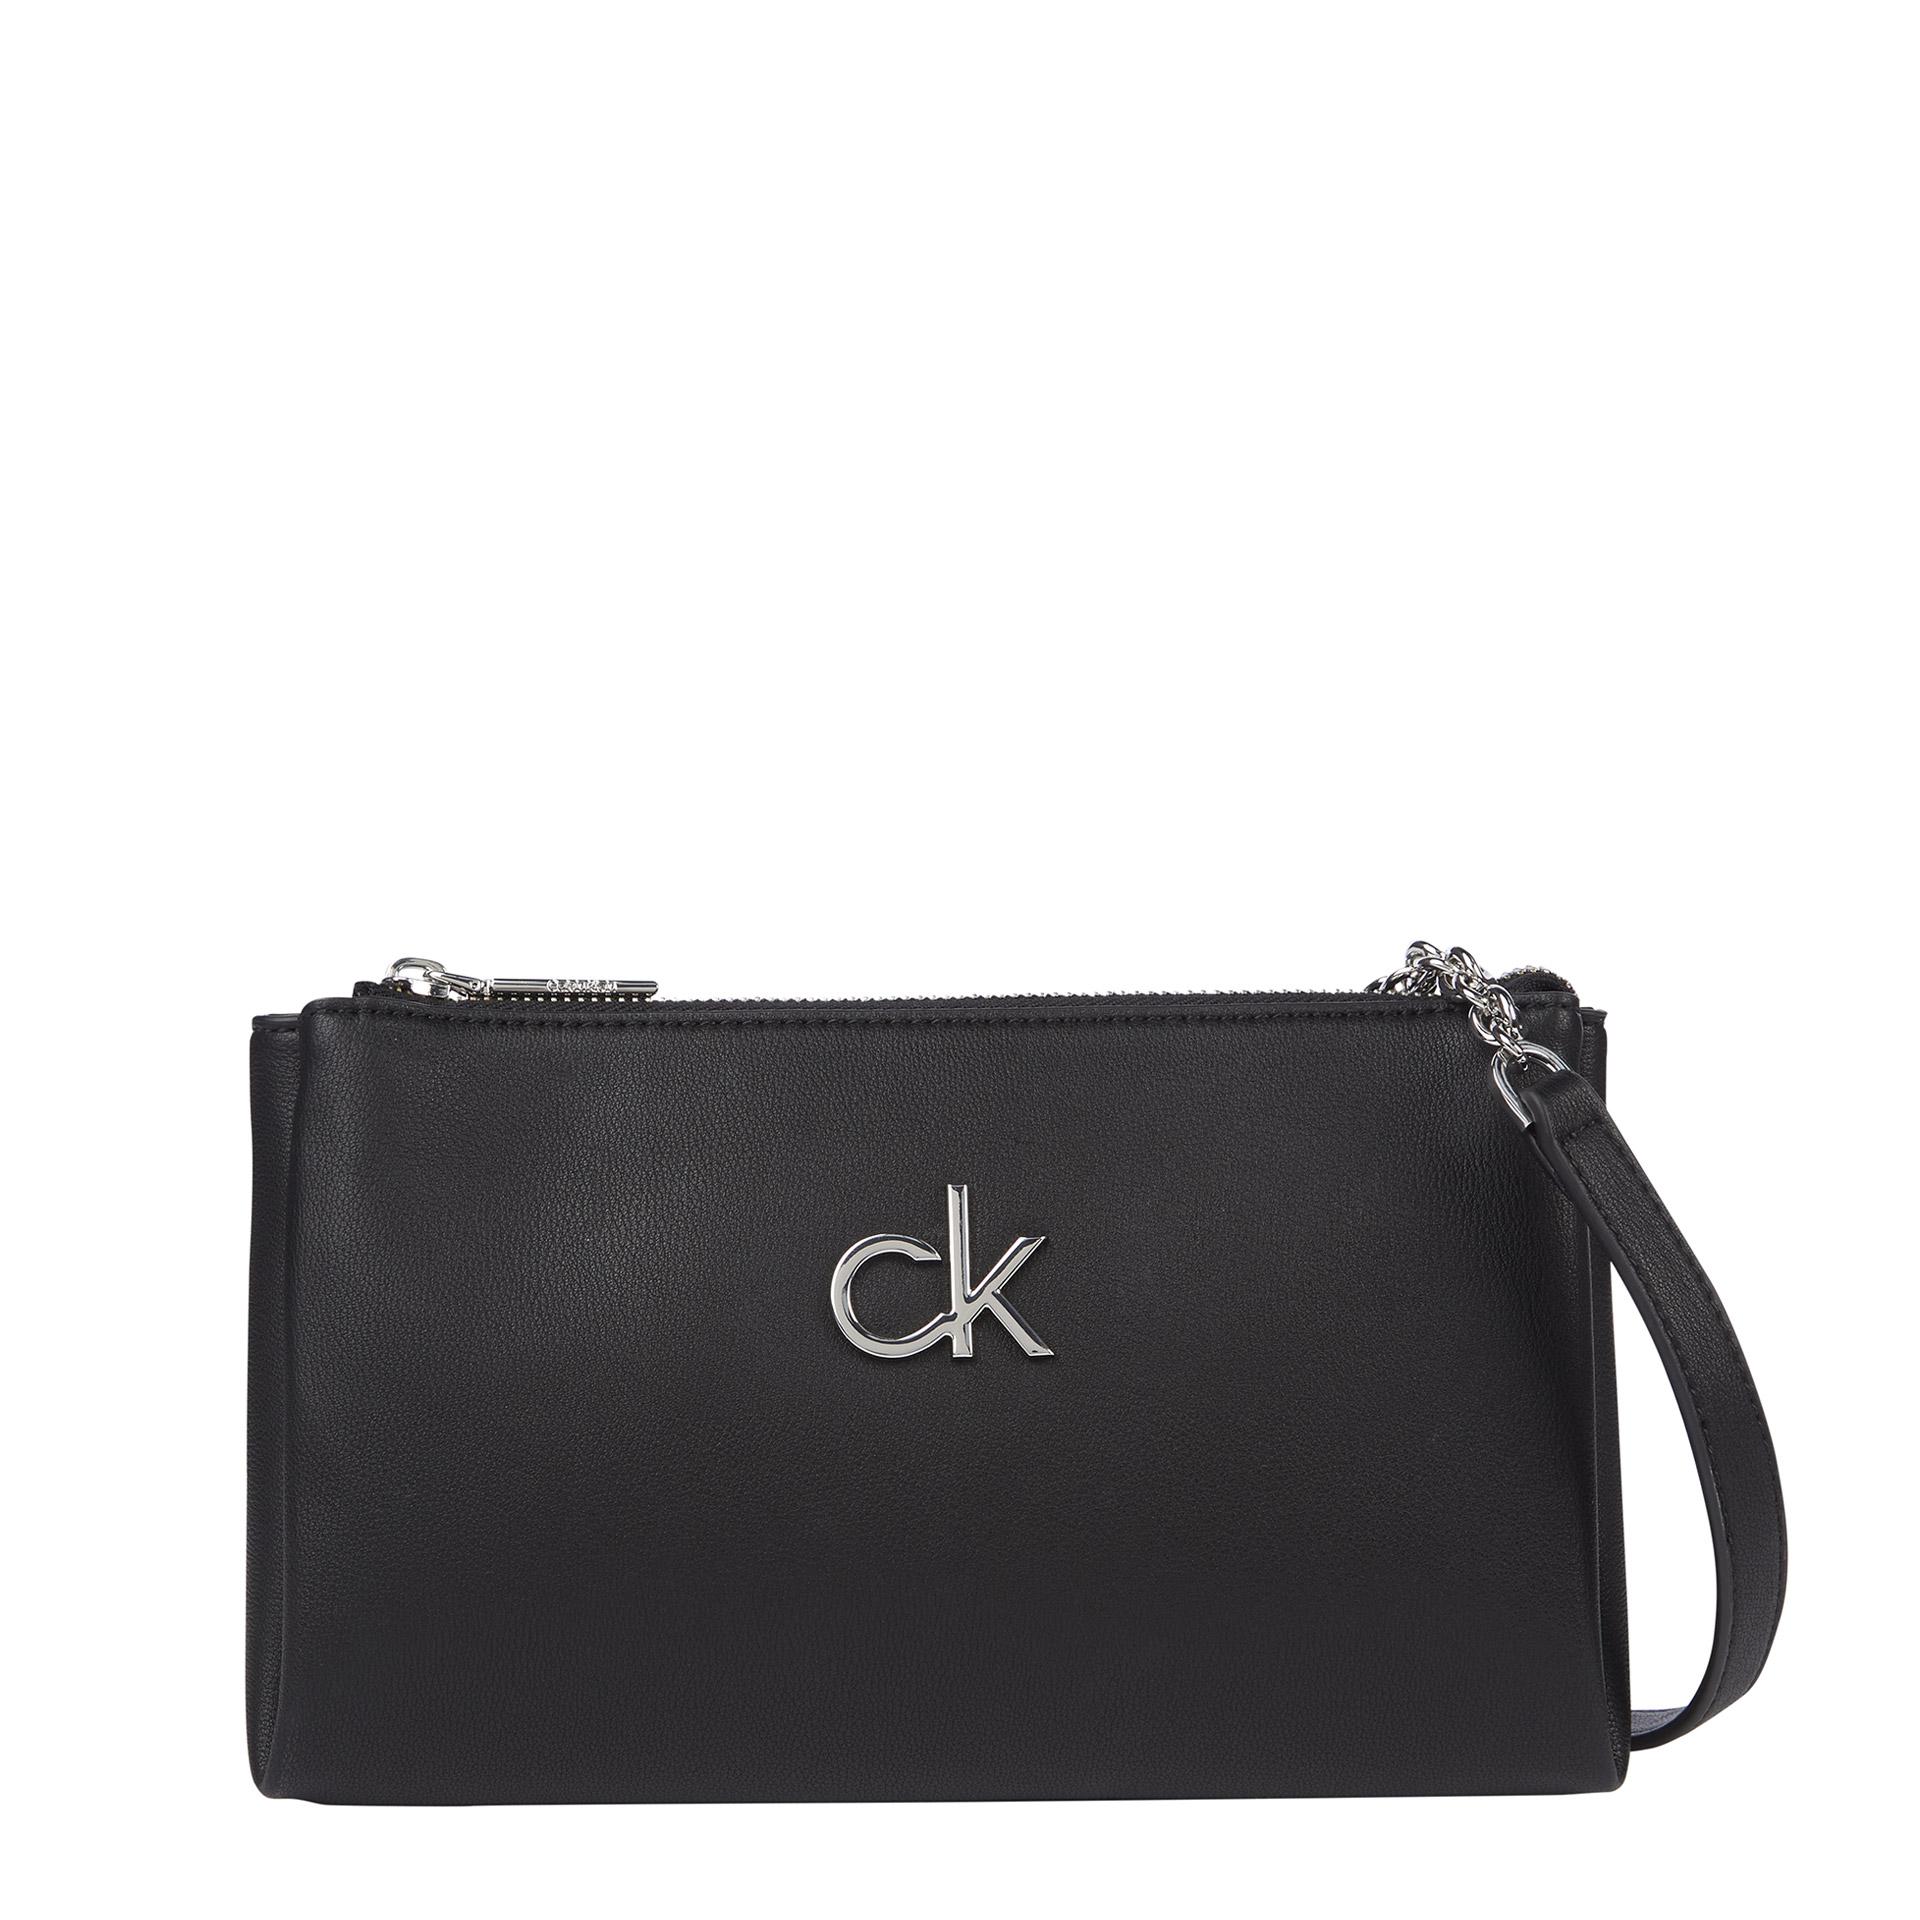 Calvin Klein  Umhängetasche ck black